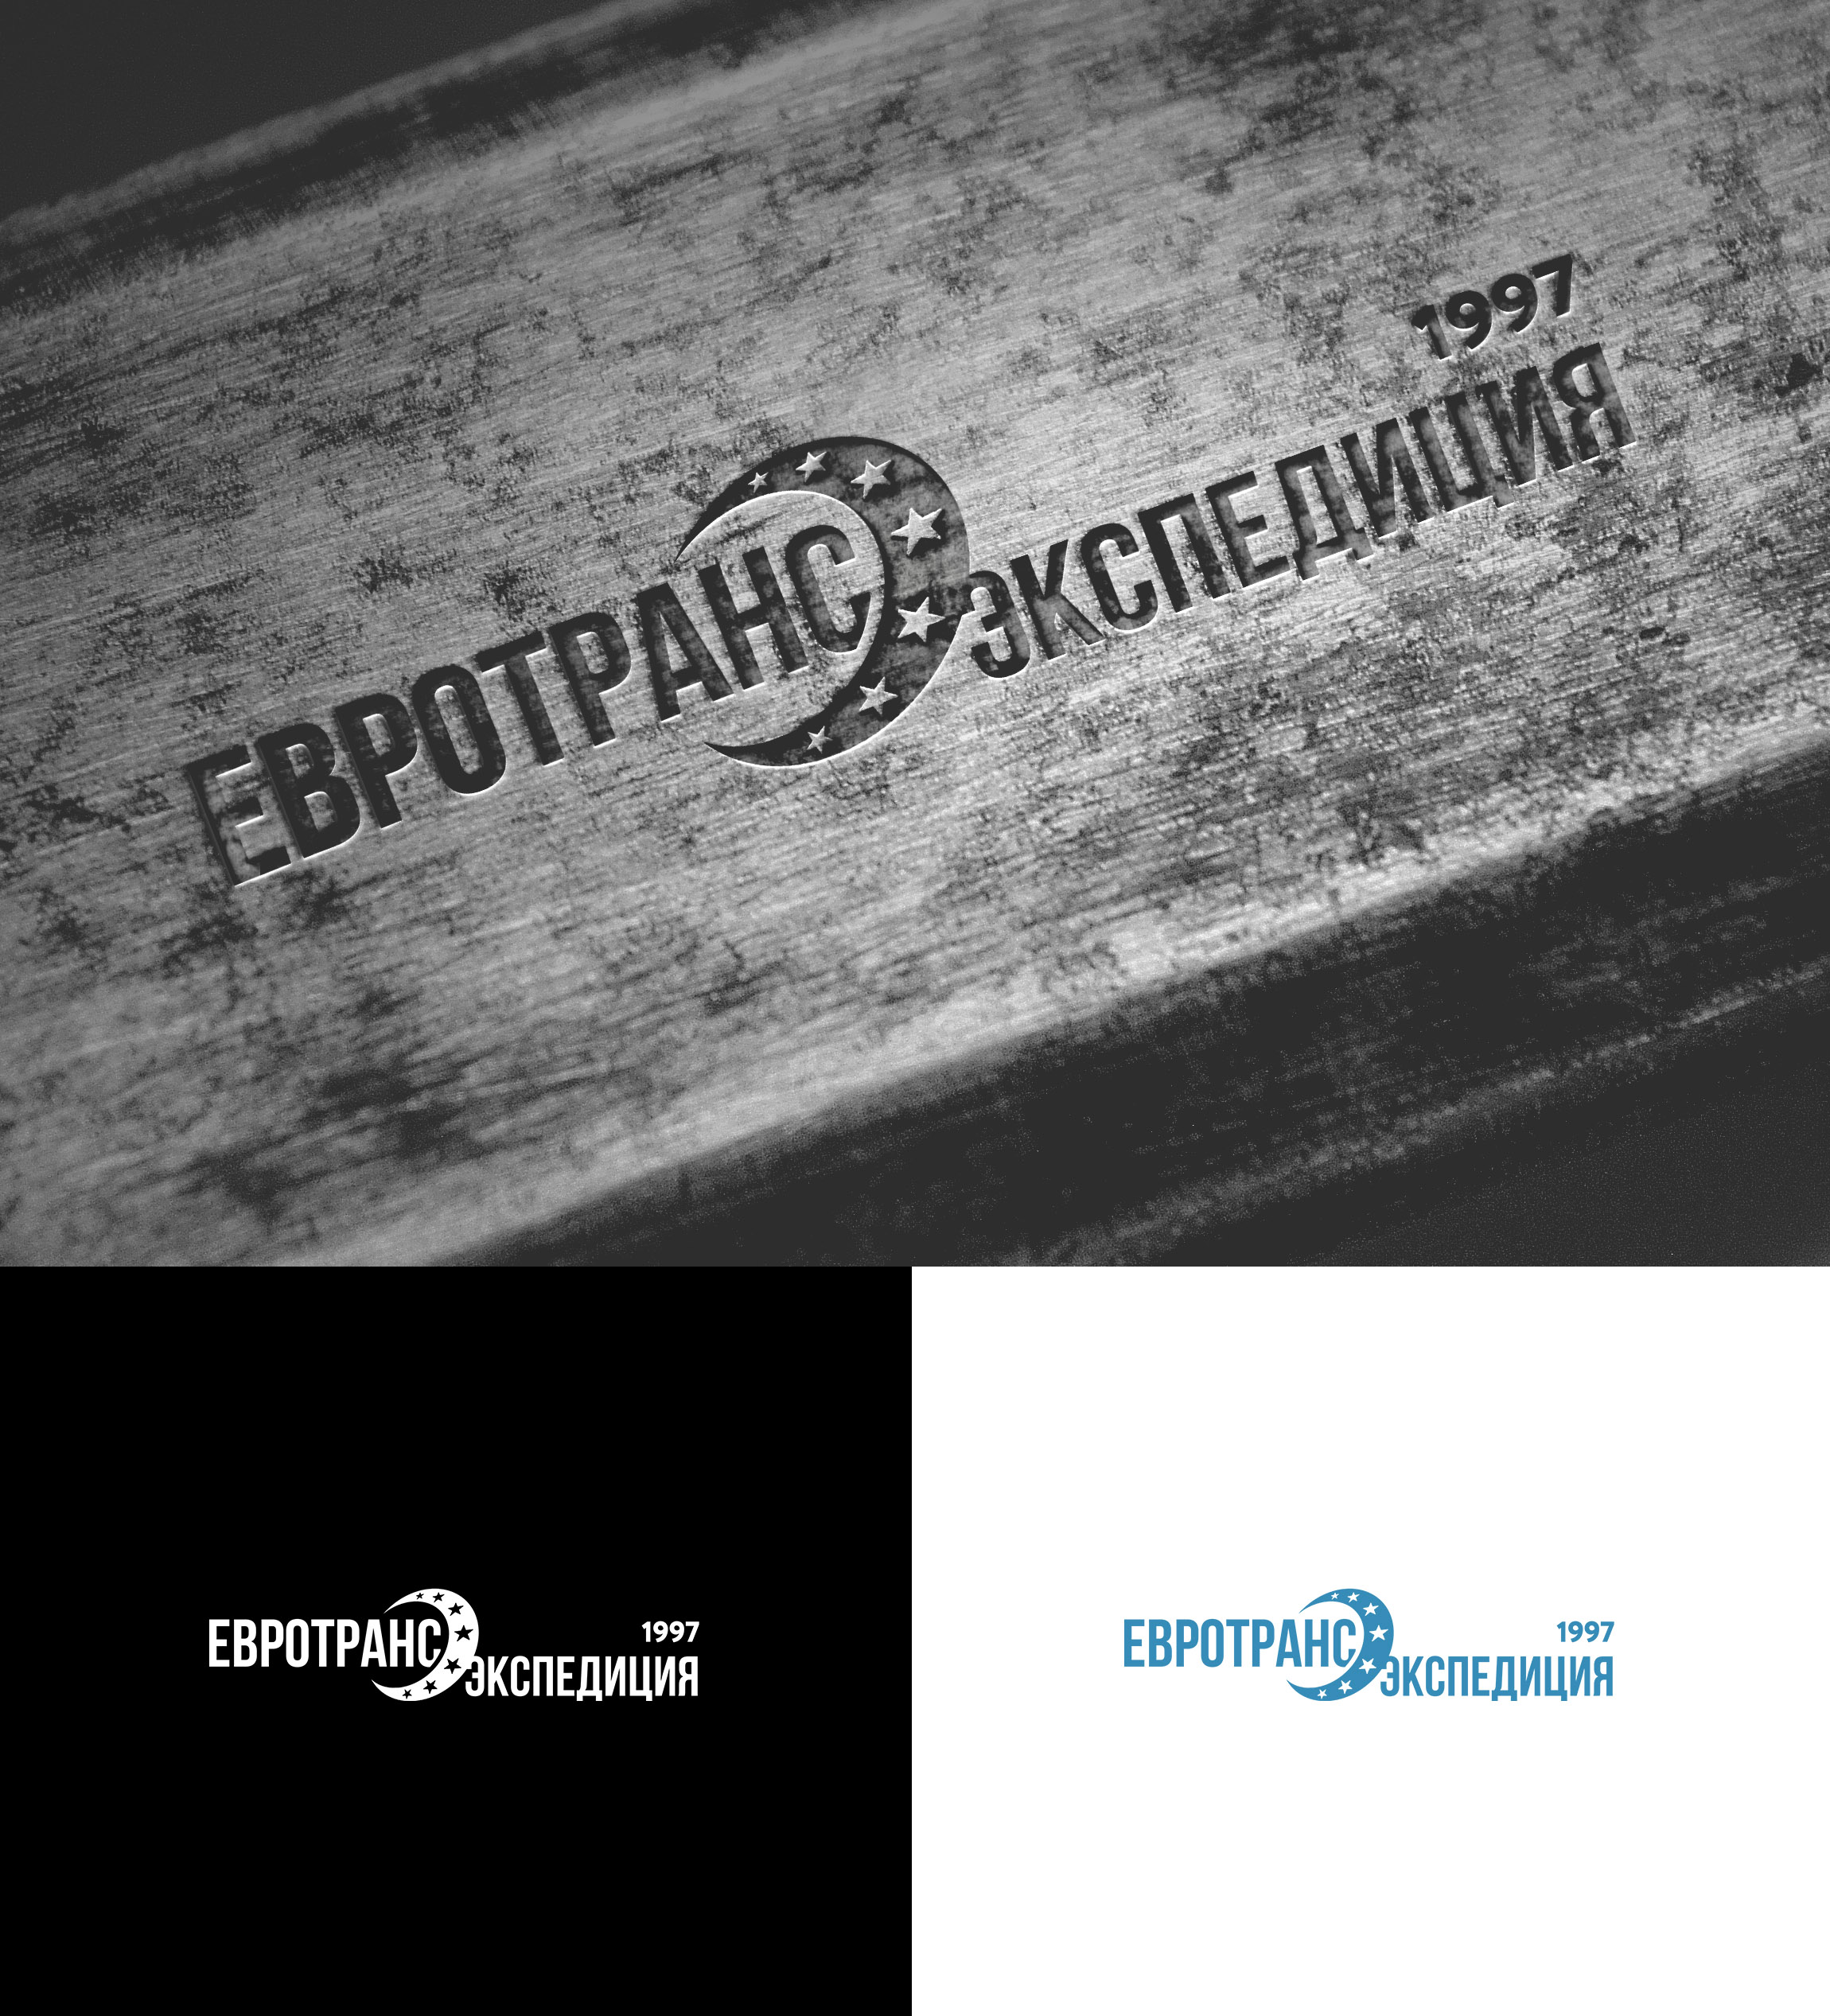 Предложите эволюцию логотипа экспедиторской компании  фото f_9135900ff8e666e8.jpg